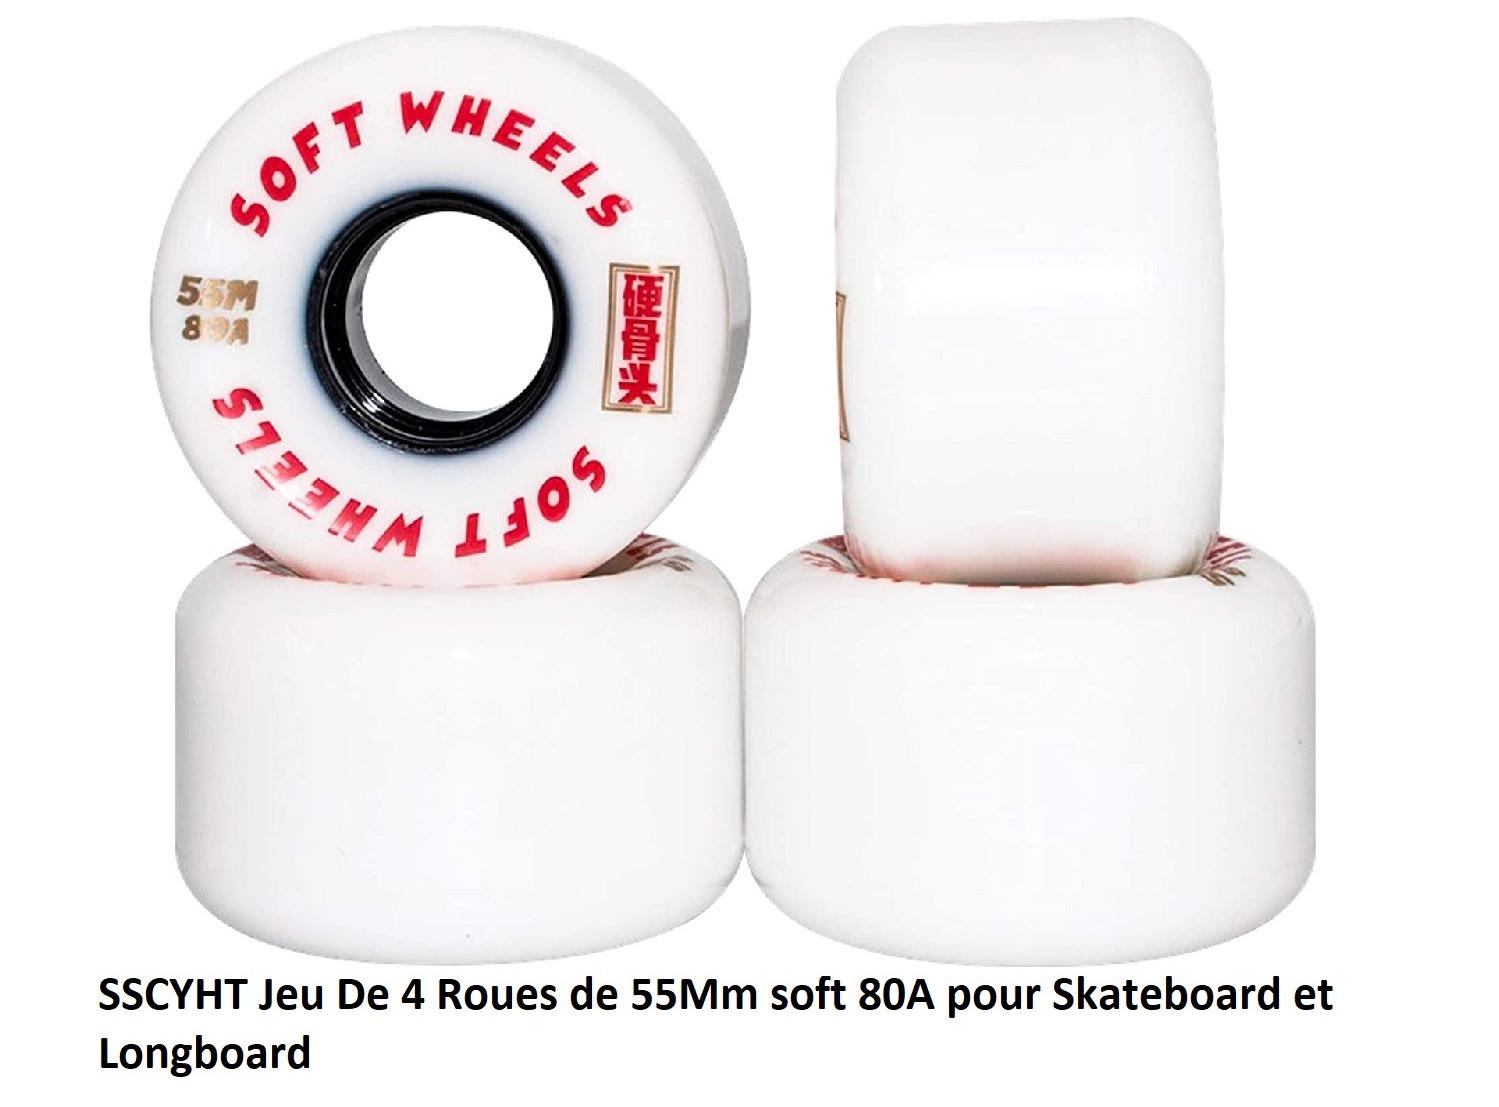 Roue de skate SSCYHT 55mm 80A